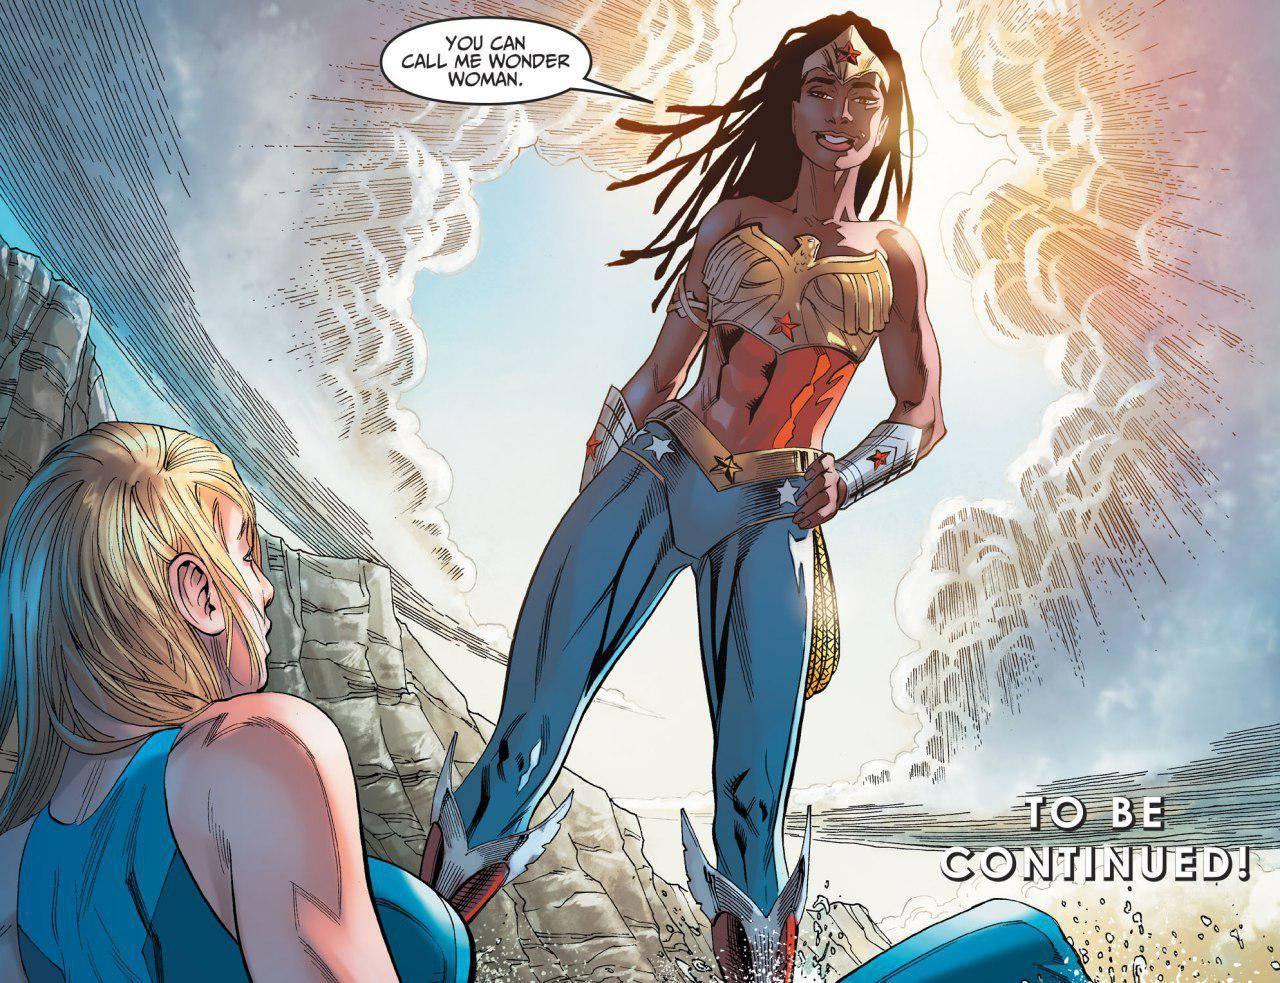 Слух дня: в комиксах DC планируют ввести темнокожего Бэтмена 2